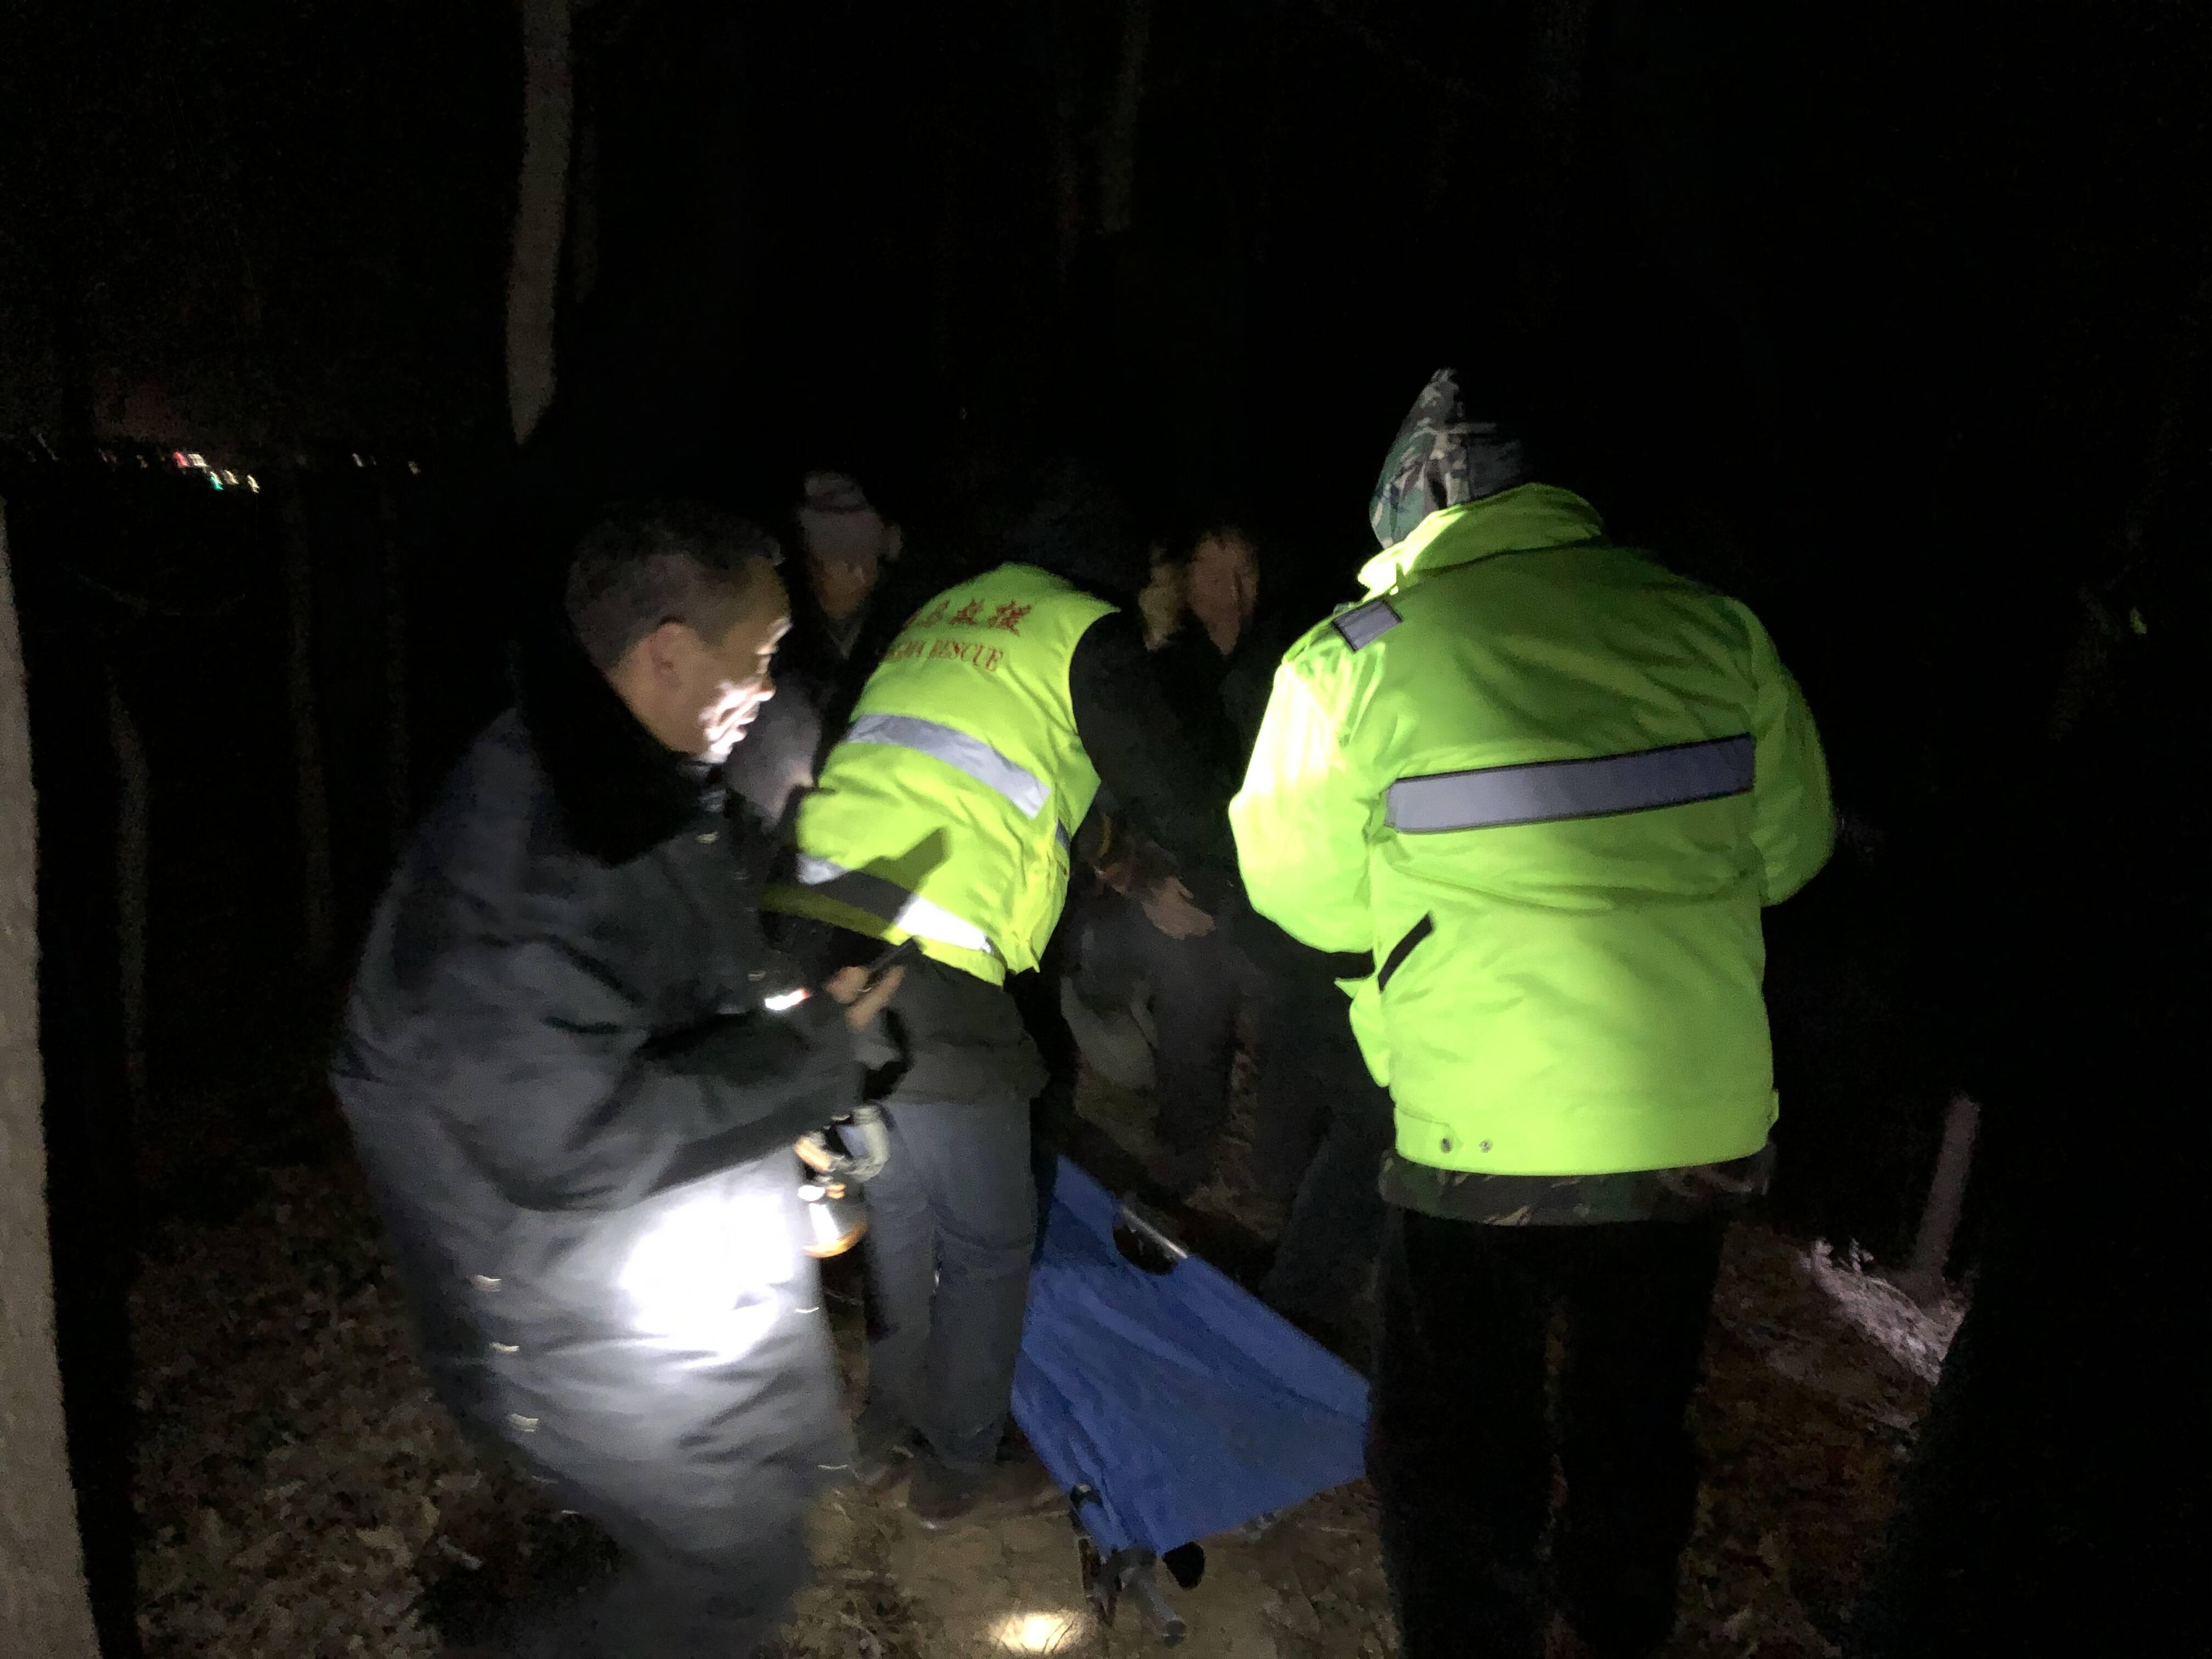 青岛男子酒后醉卧小树林 零下18℃天气中警民联手搜救